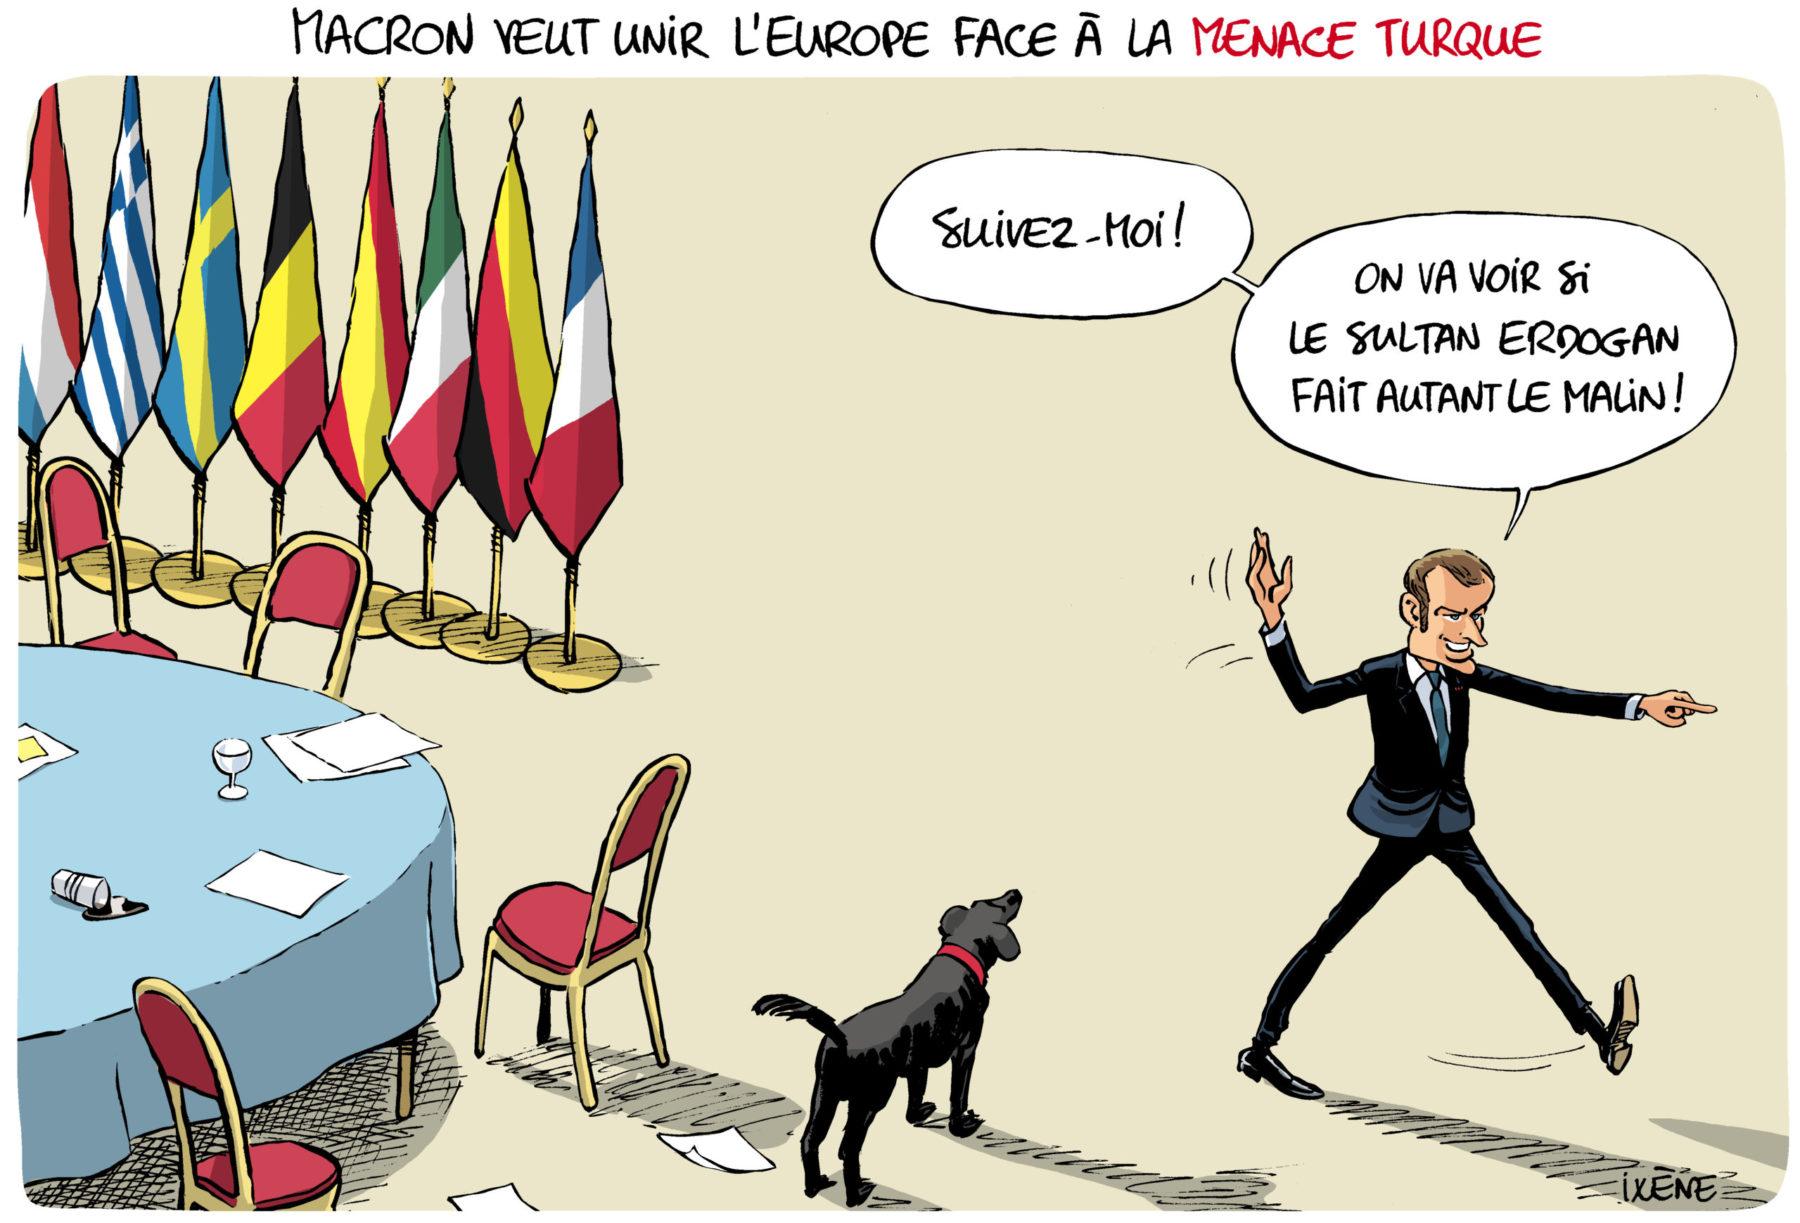 Emmanuel Macron en train d'encourager les dirigeants européens à le suivre dans la lutte contre la Turquie d'Erdogan. Sauf que la table est vide et le président français est seul